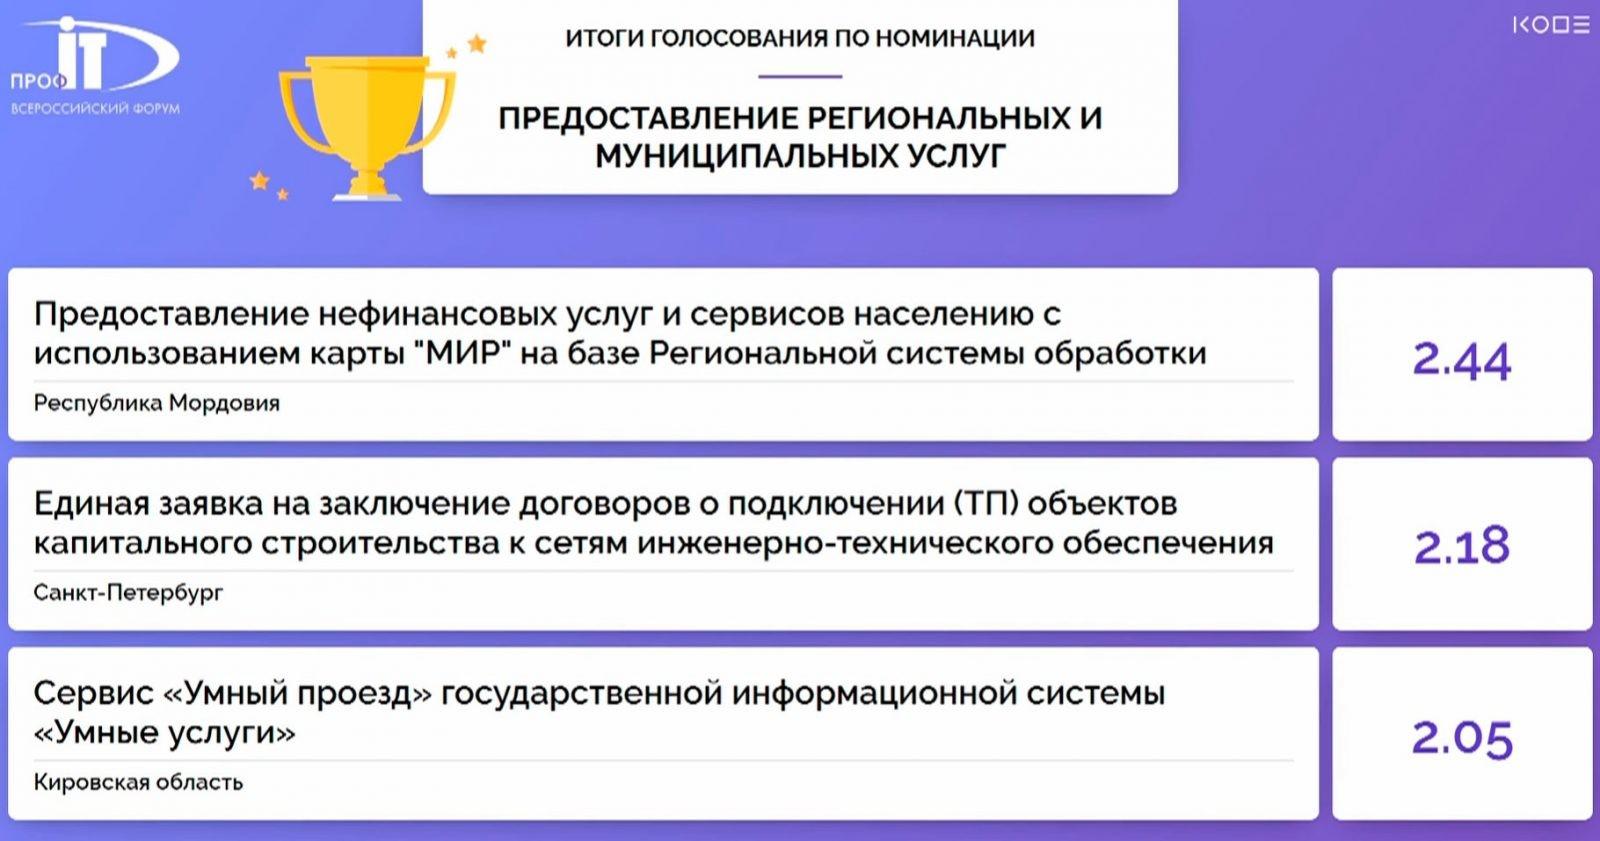 Первой в номинации «Предоставление региональных и муниципальных услуг» конкурса IT-проектов форума «ПРОФ-IT.2020» признана Мордовия